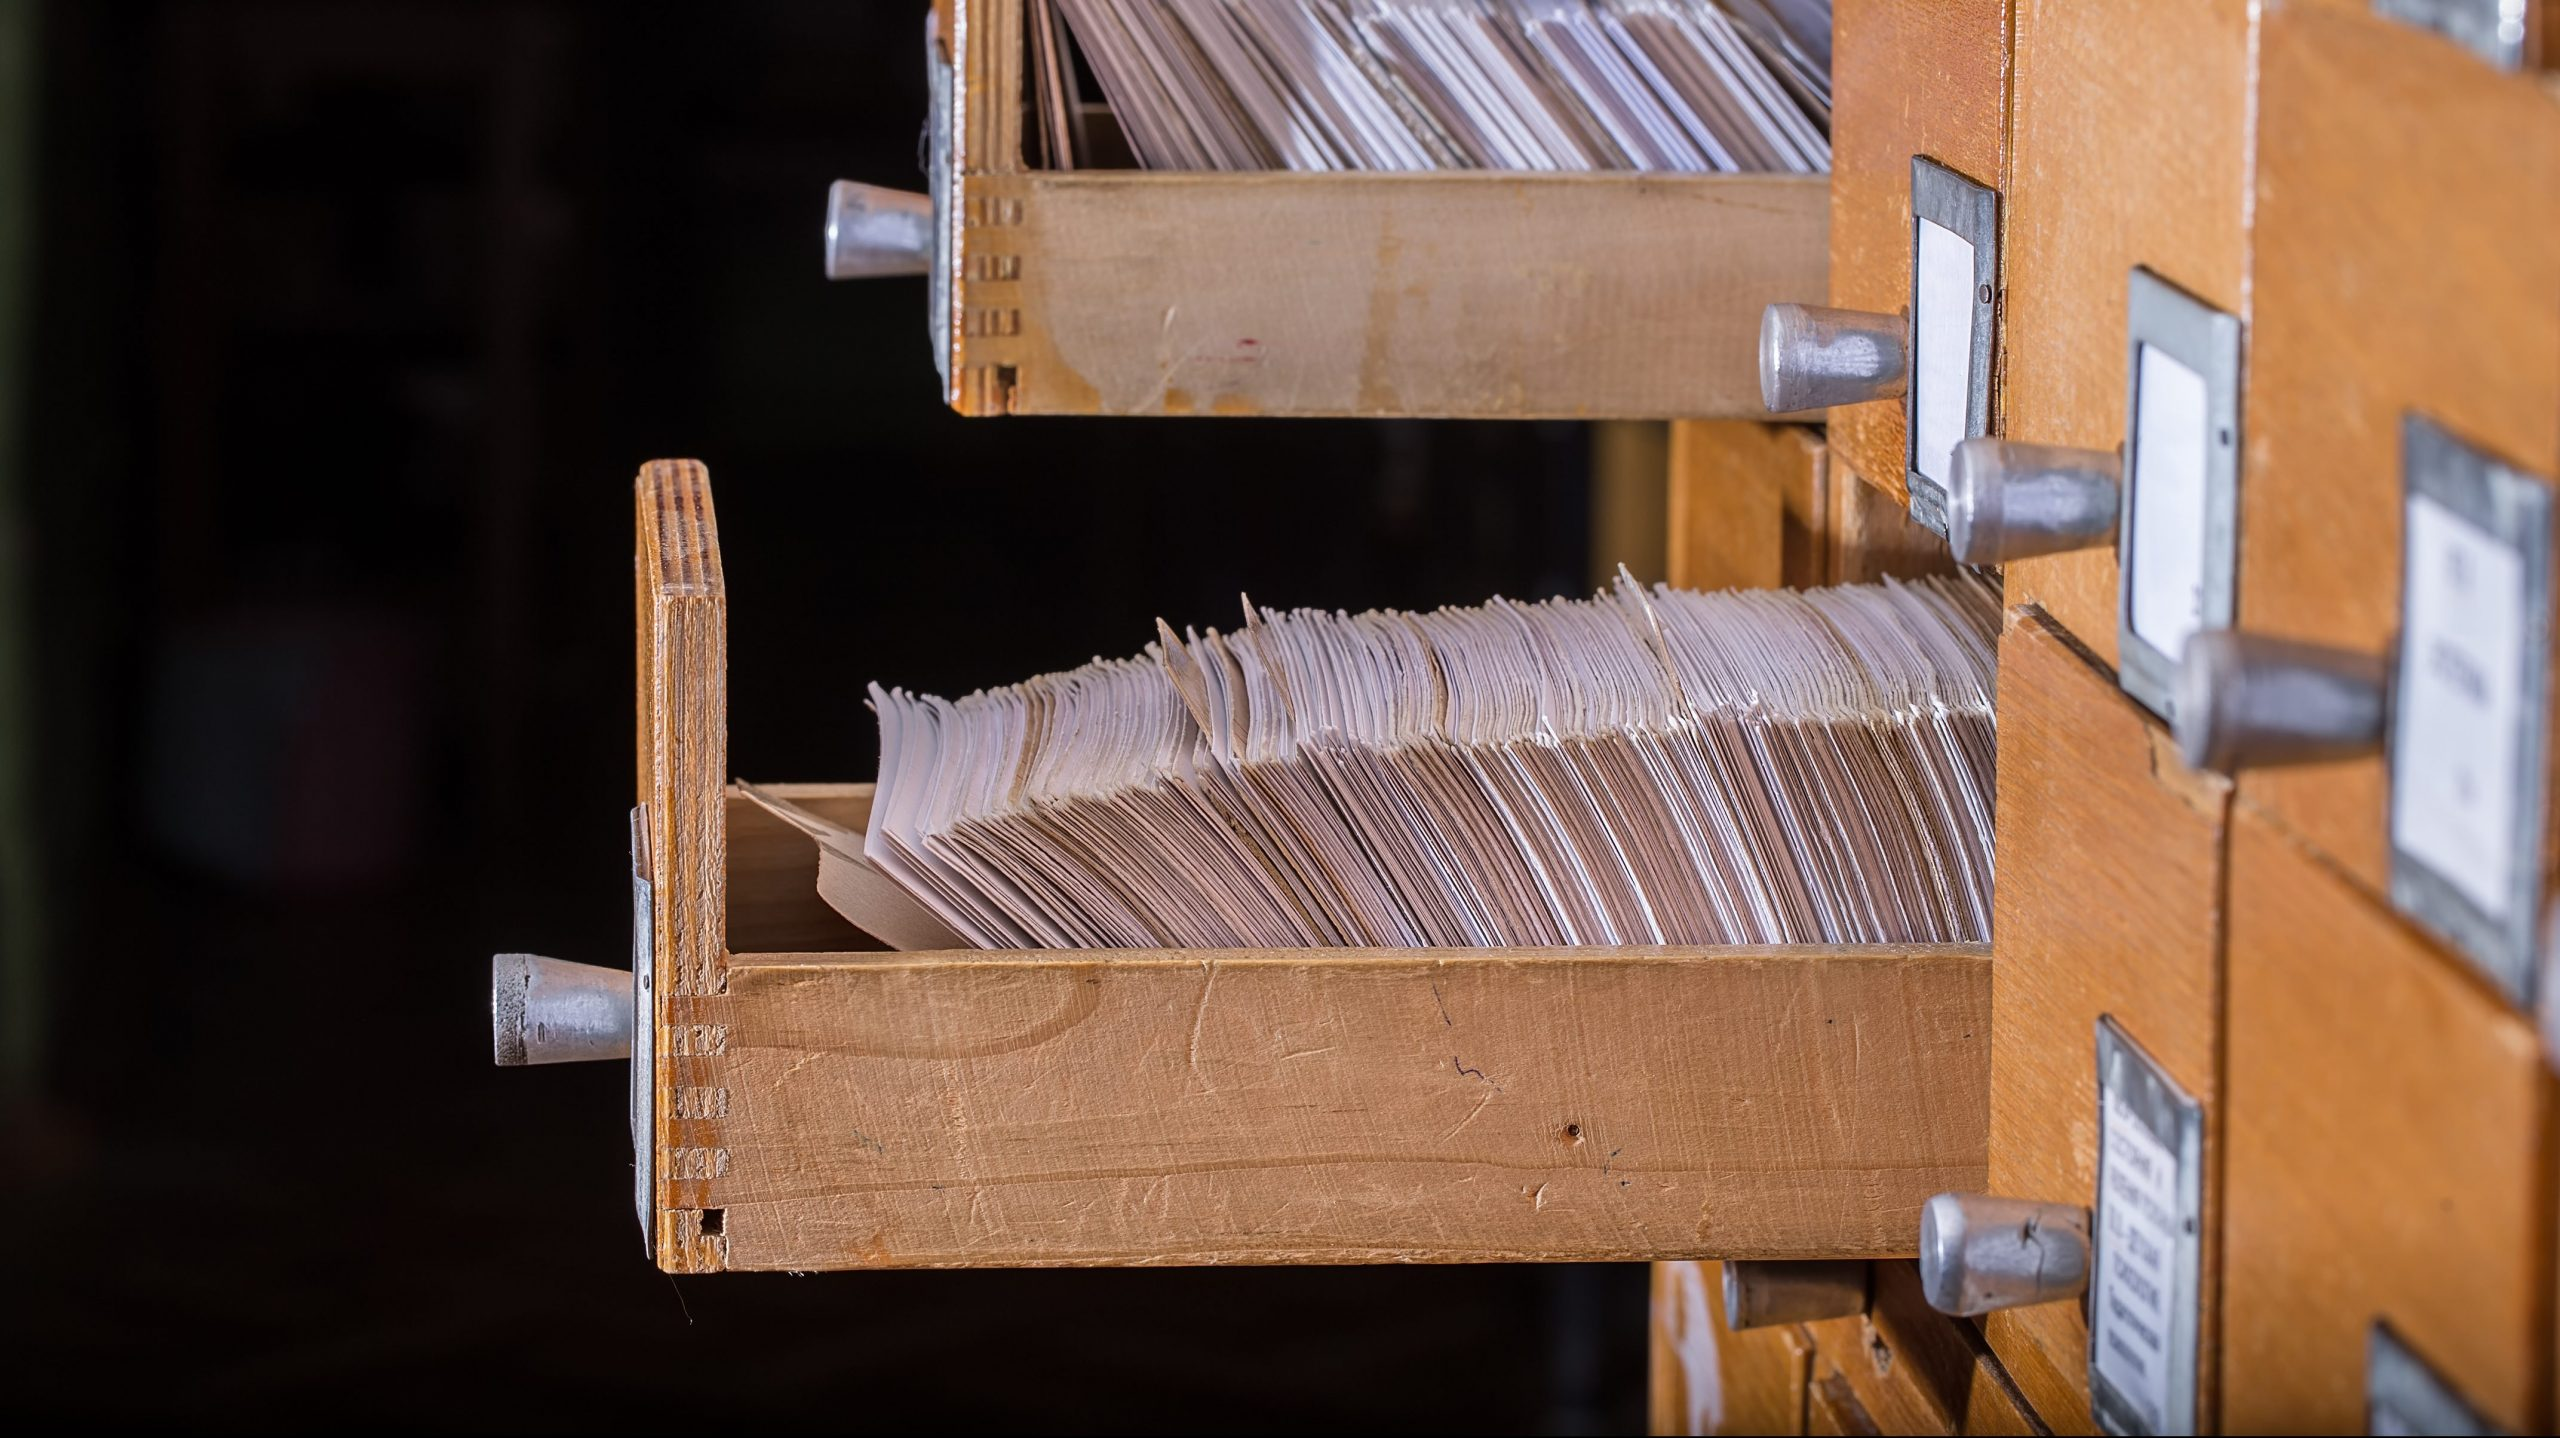 新型コロナ論文のファクトチェックを支援、研究者向けAIツール